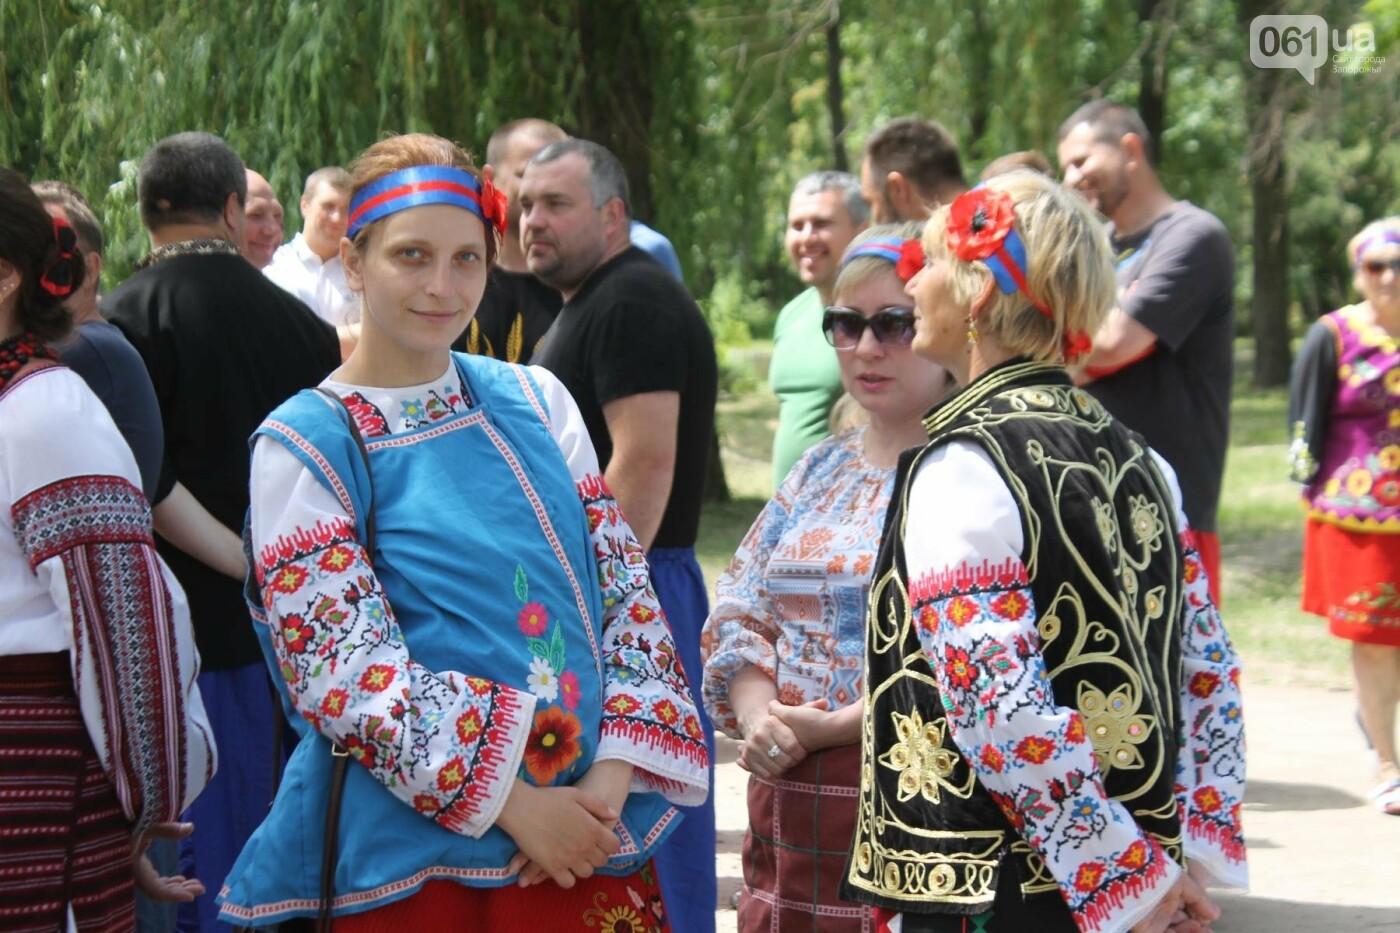 «Лава на лаву», борьба на поясах и ярмарка вышиванок: как в Запорожье прошли всеукраинские казацкие игры, – ФОТОРЕПОРТАЖ, фото-41